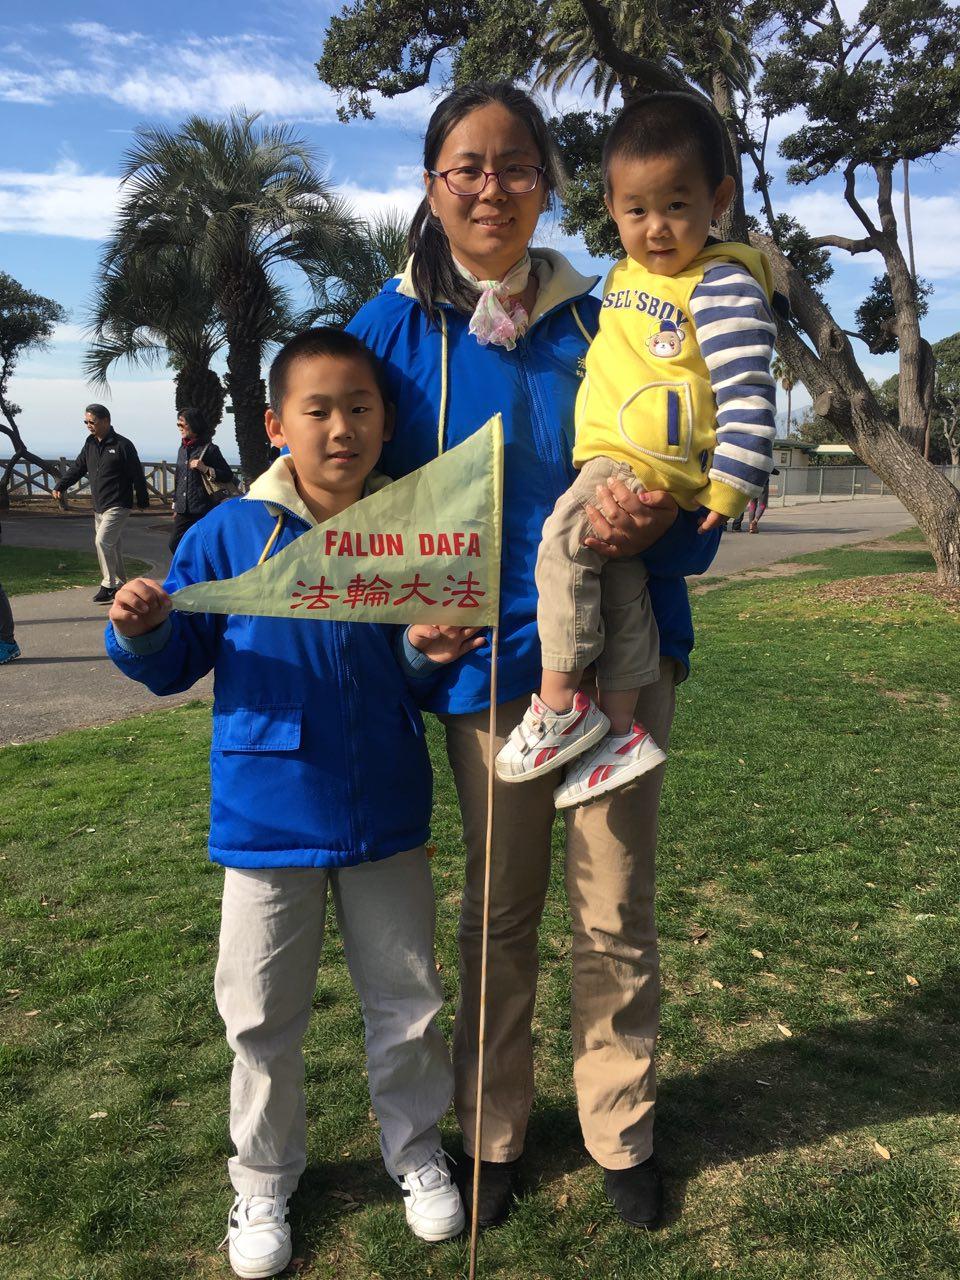 法輪功修煉者許靜和兒子共同向法輪大法創始人李洪志先生拜年。(姜琳達/大紀元)